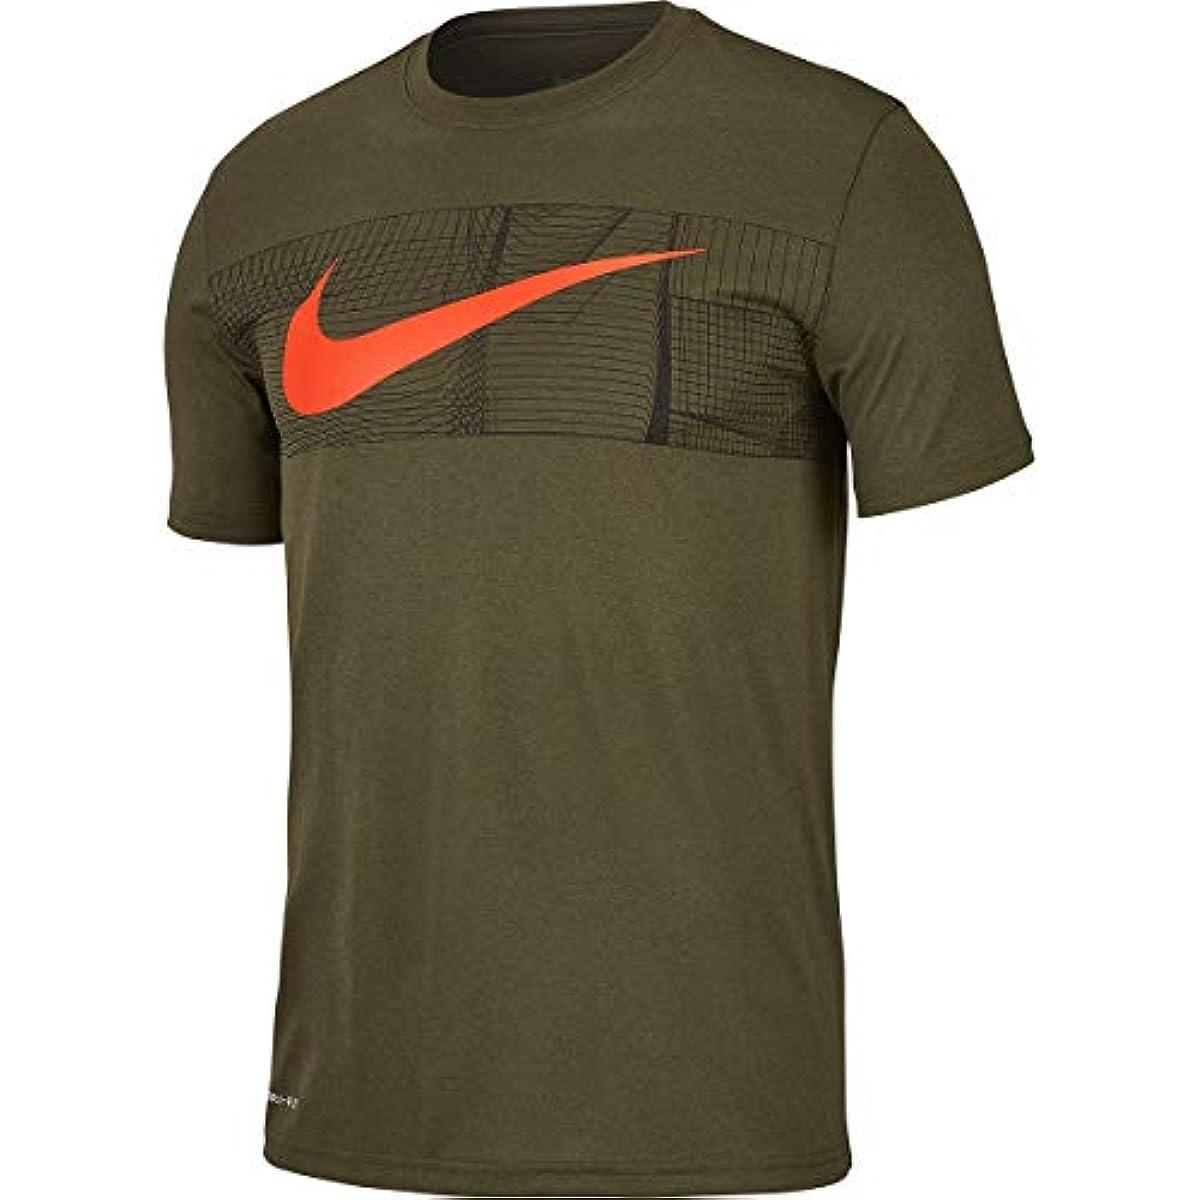 [해외] □◎나이키(NIKE) DRI-FIT 레거시 스우시 + BLOC T셔츠 BV7939-325 맨즈